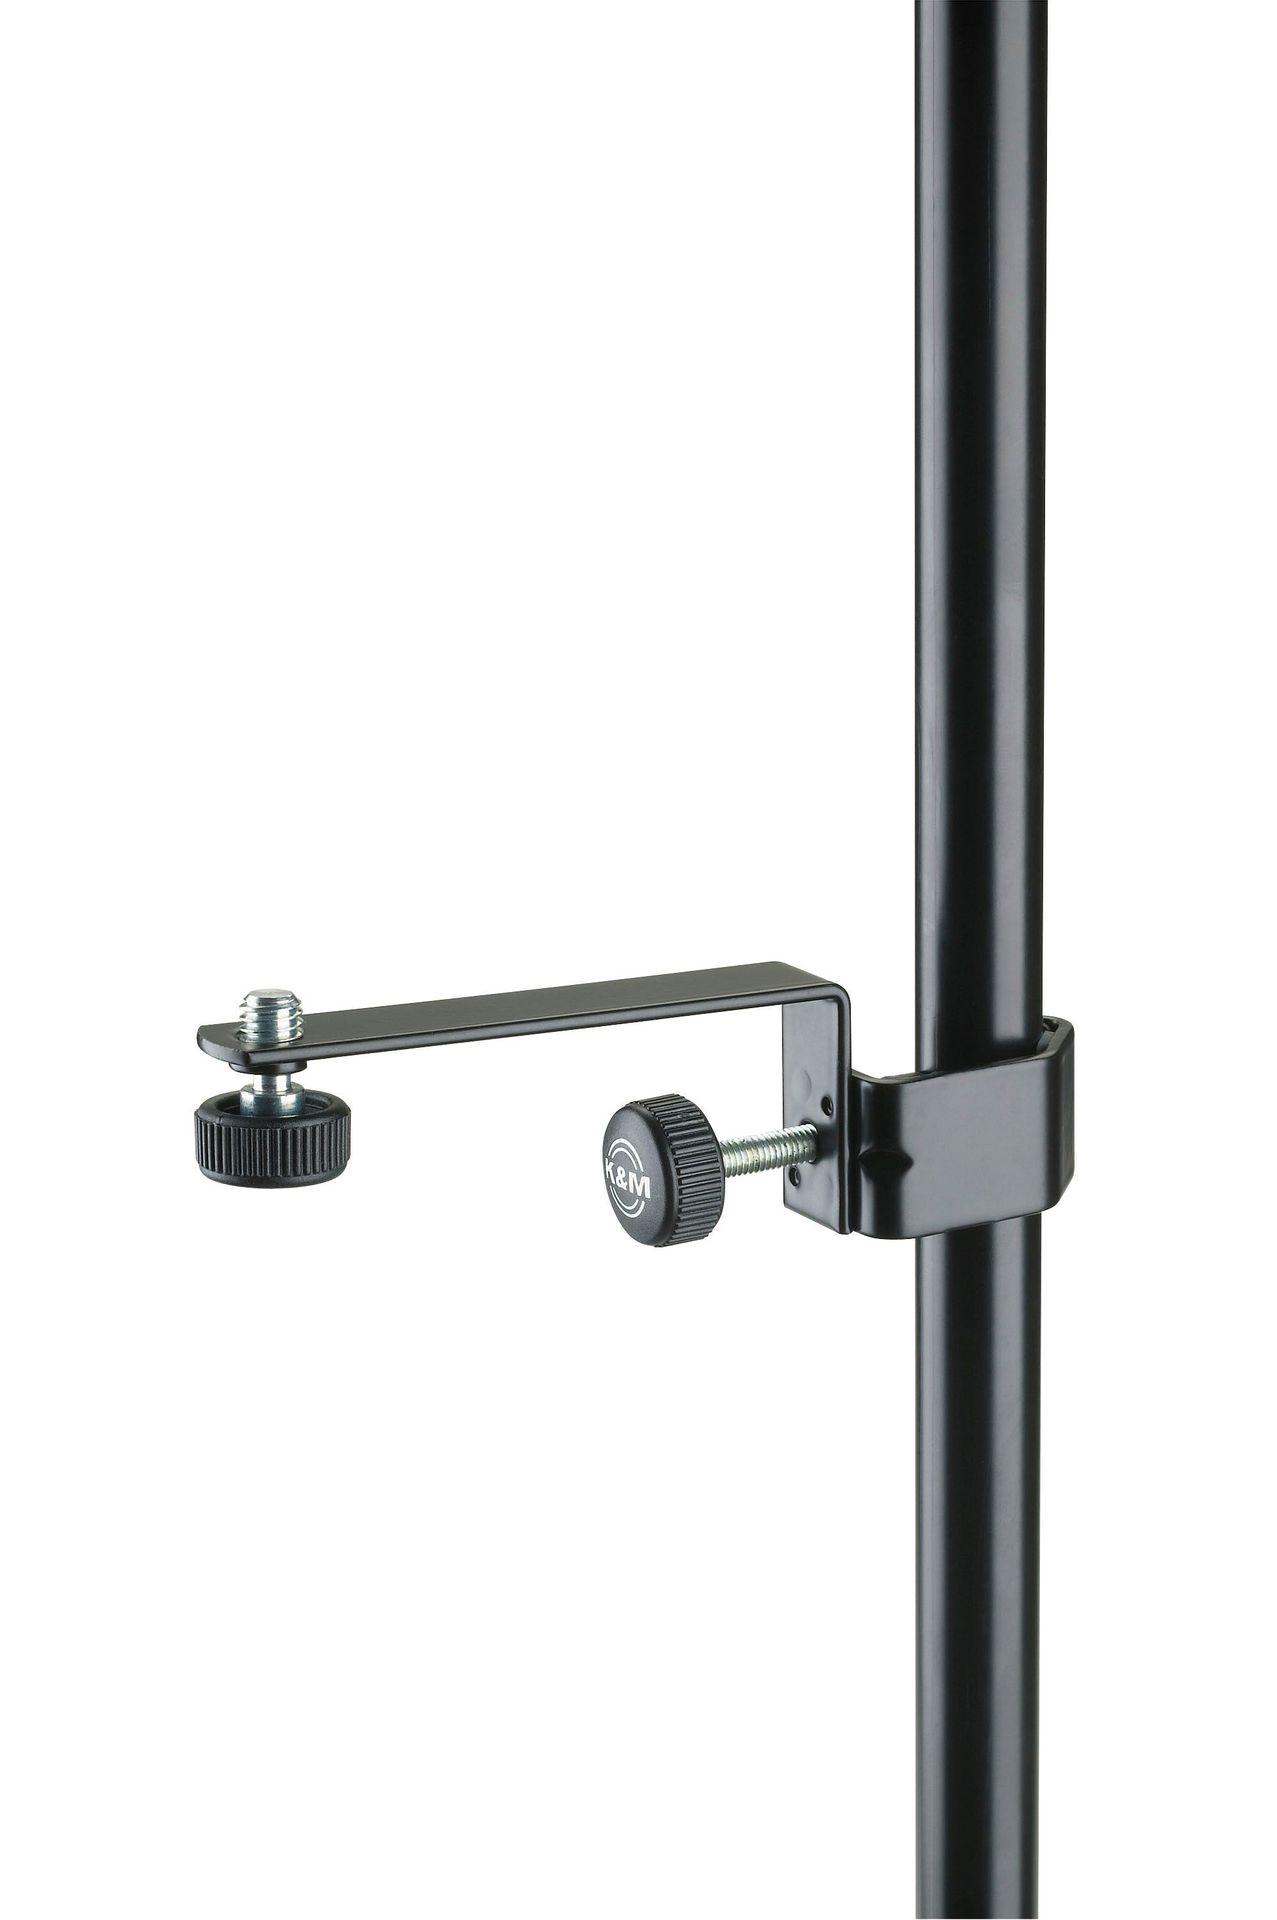 K&M 238 Mikrofon-Halteschiene für Mikrofonstativ, schwarz